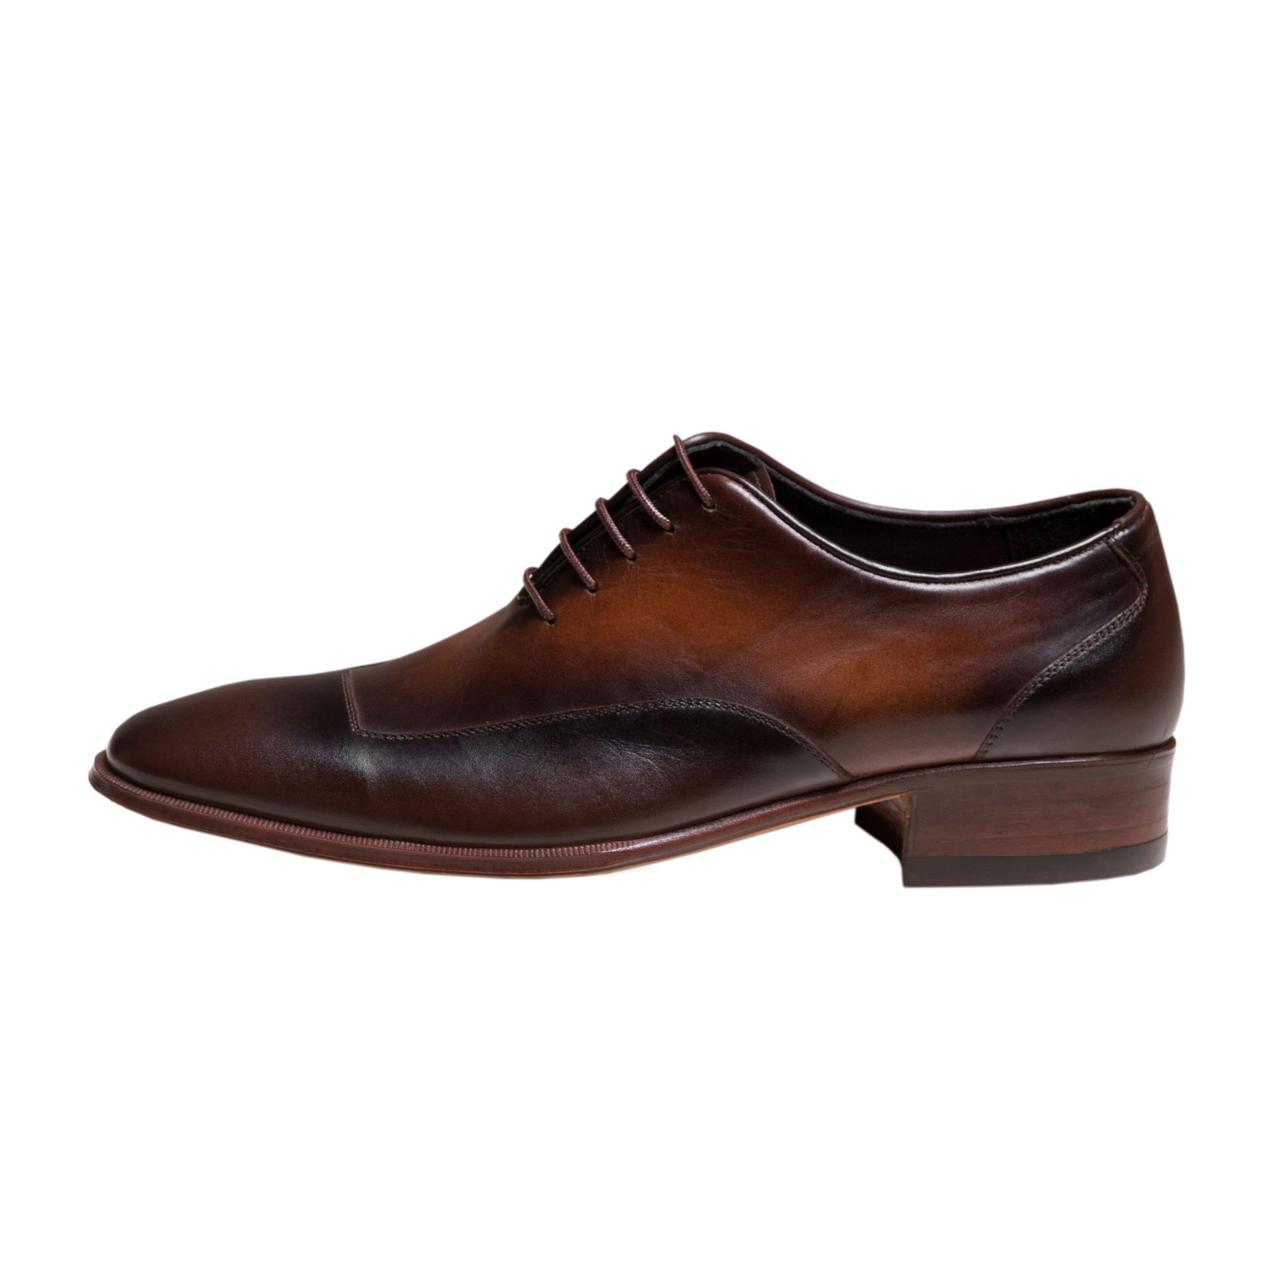 کفش مردانه سی سی مدل لوکا